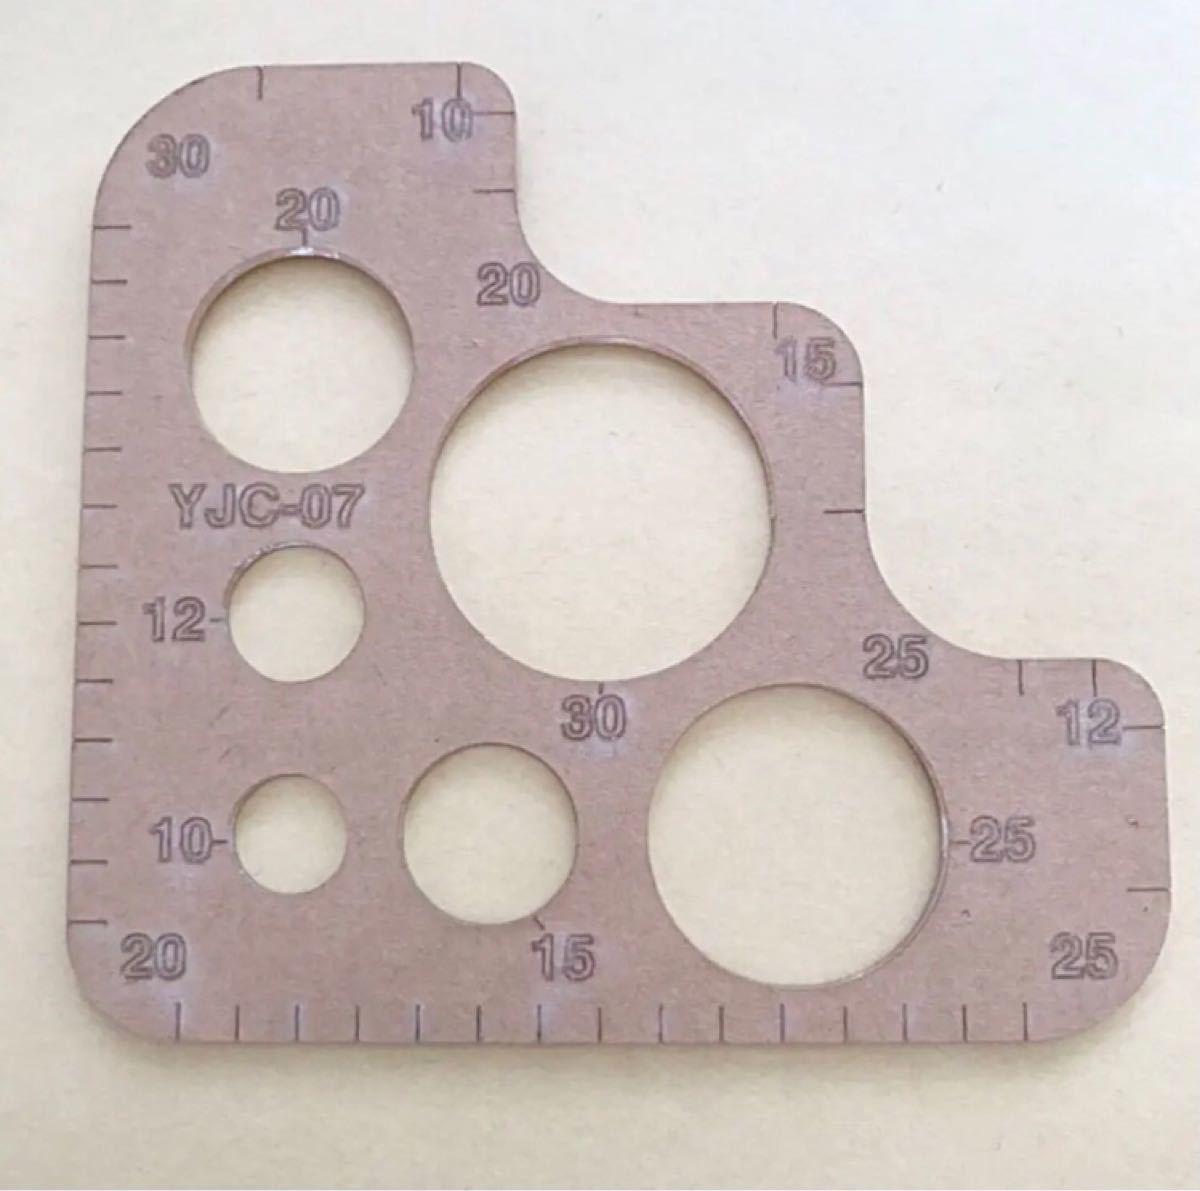 本日限定!お値下げ!レザークラフト 型 R定規 8.5cm×9.3cm アクリル